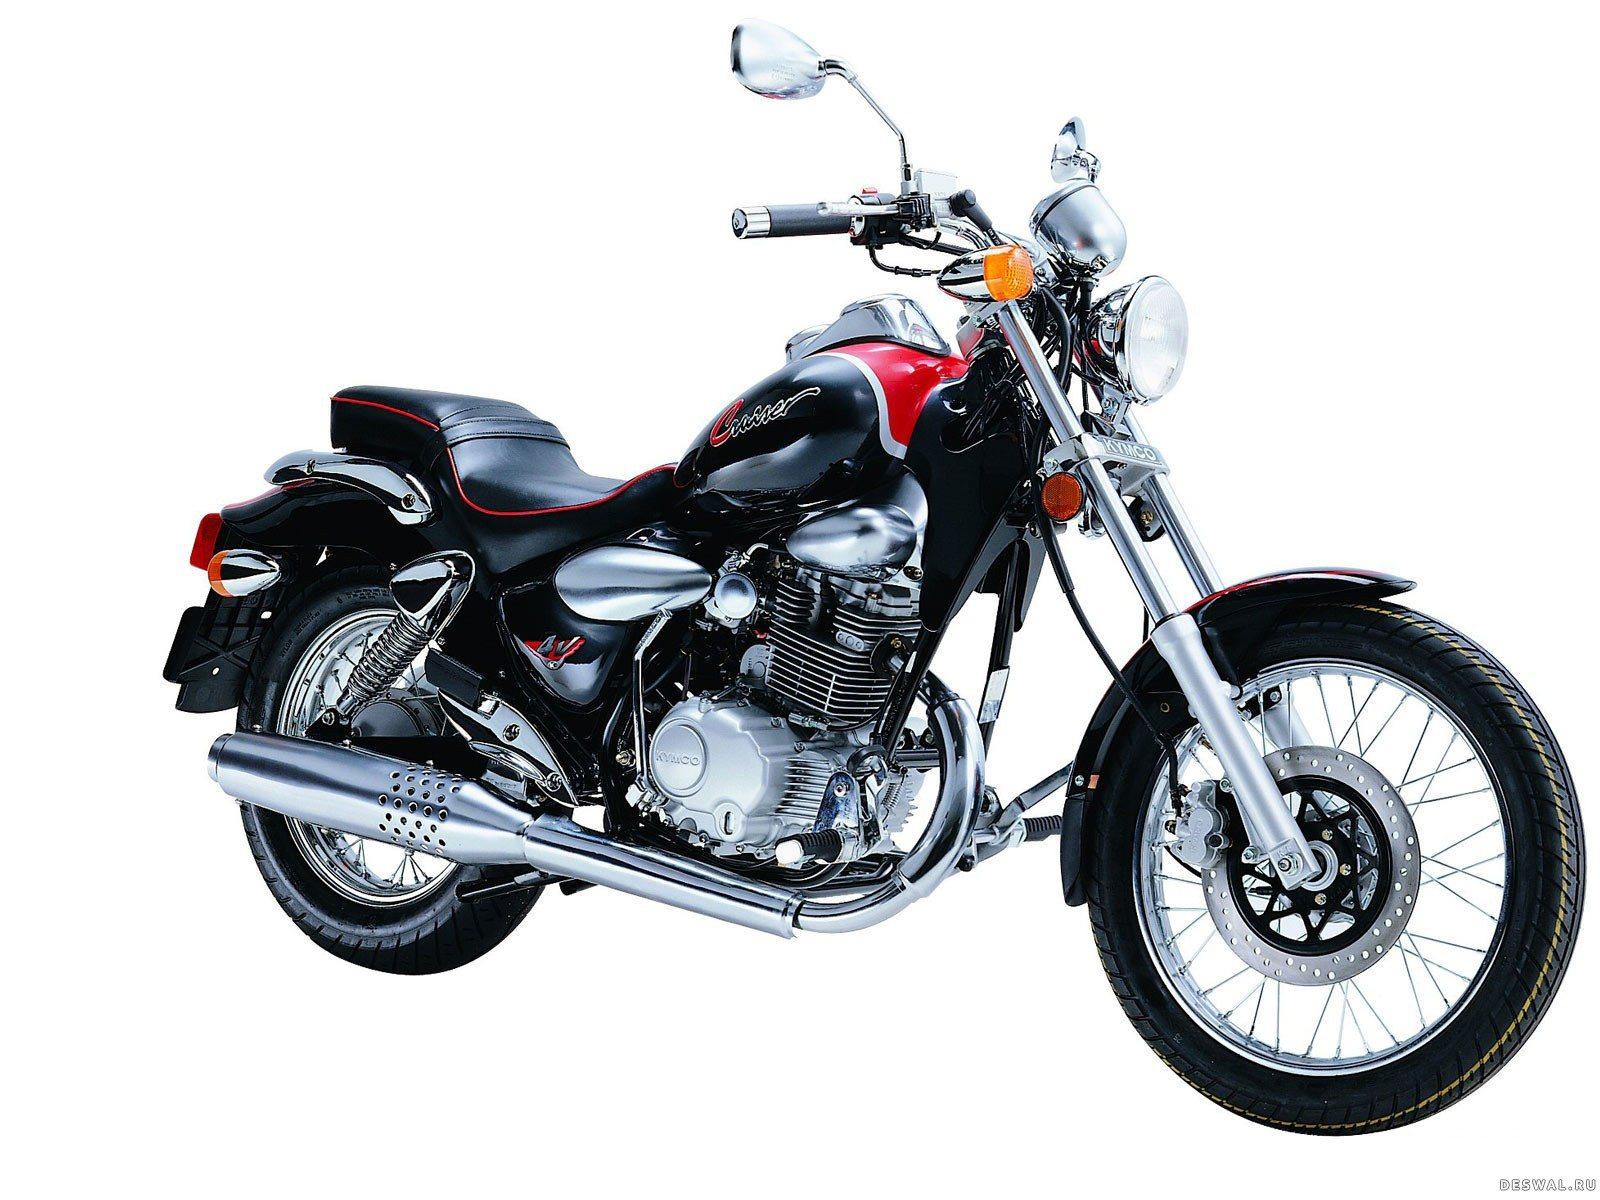 Мото Kymco на халявной обои. Нажмите на картинку с обоями мотоцикла kymco, чтобы просмотреть ее в реальном размере